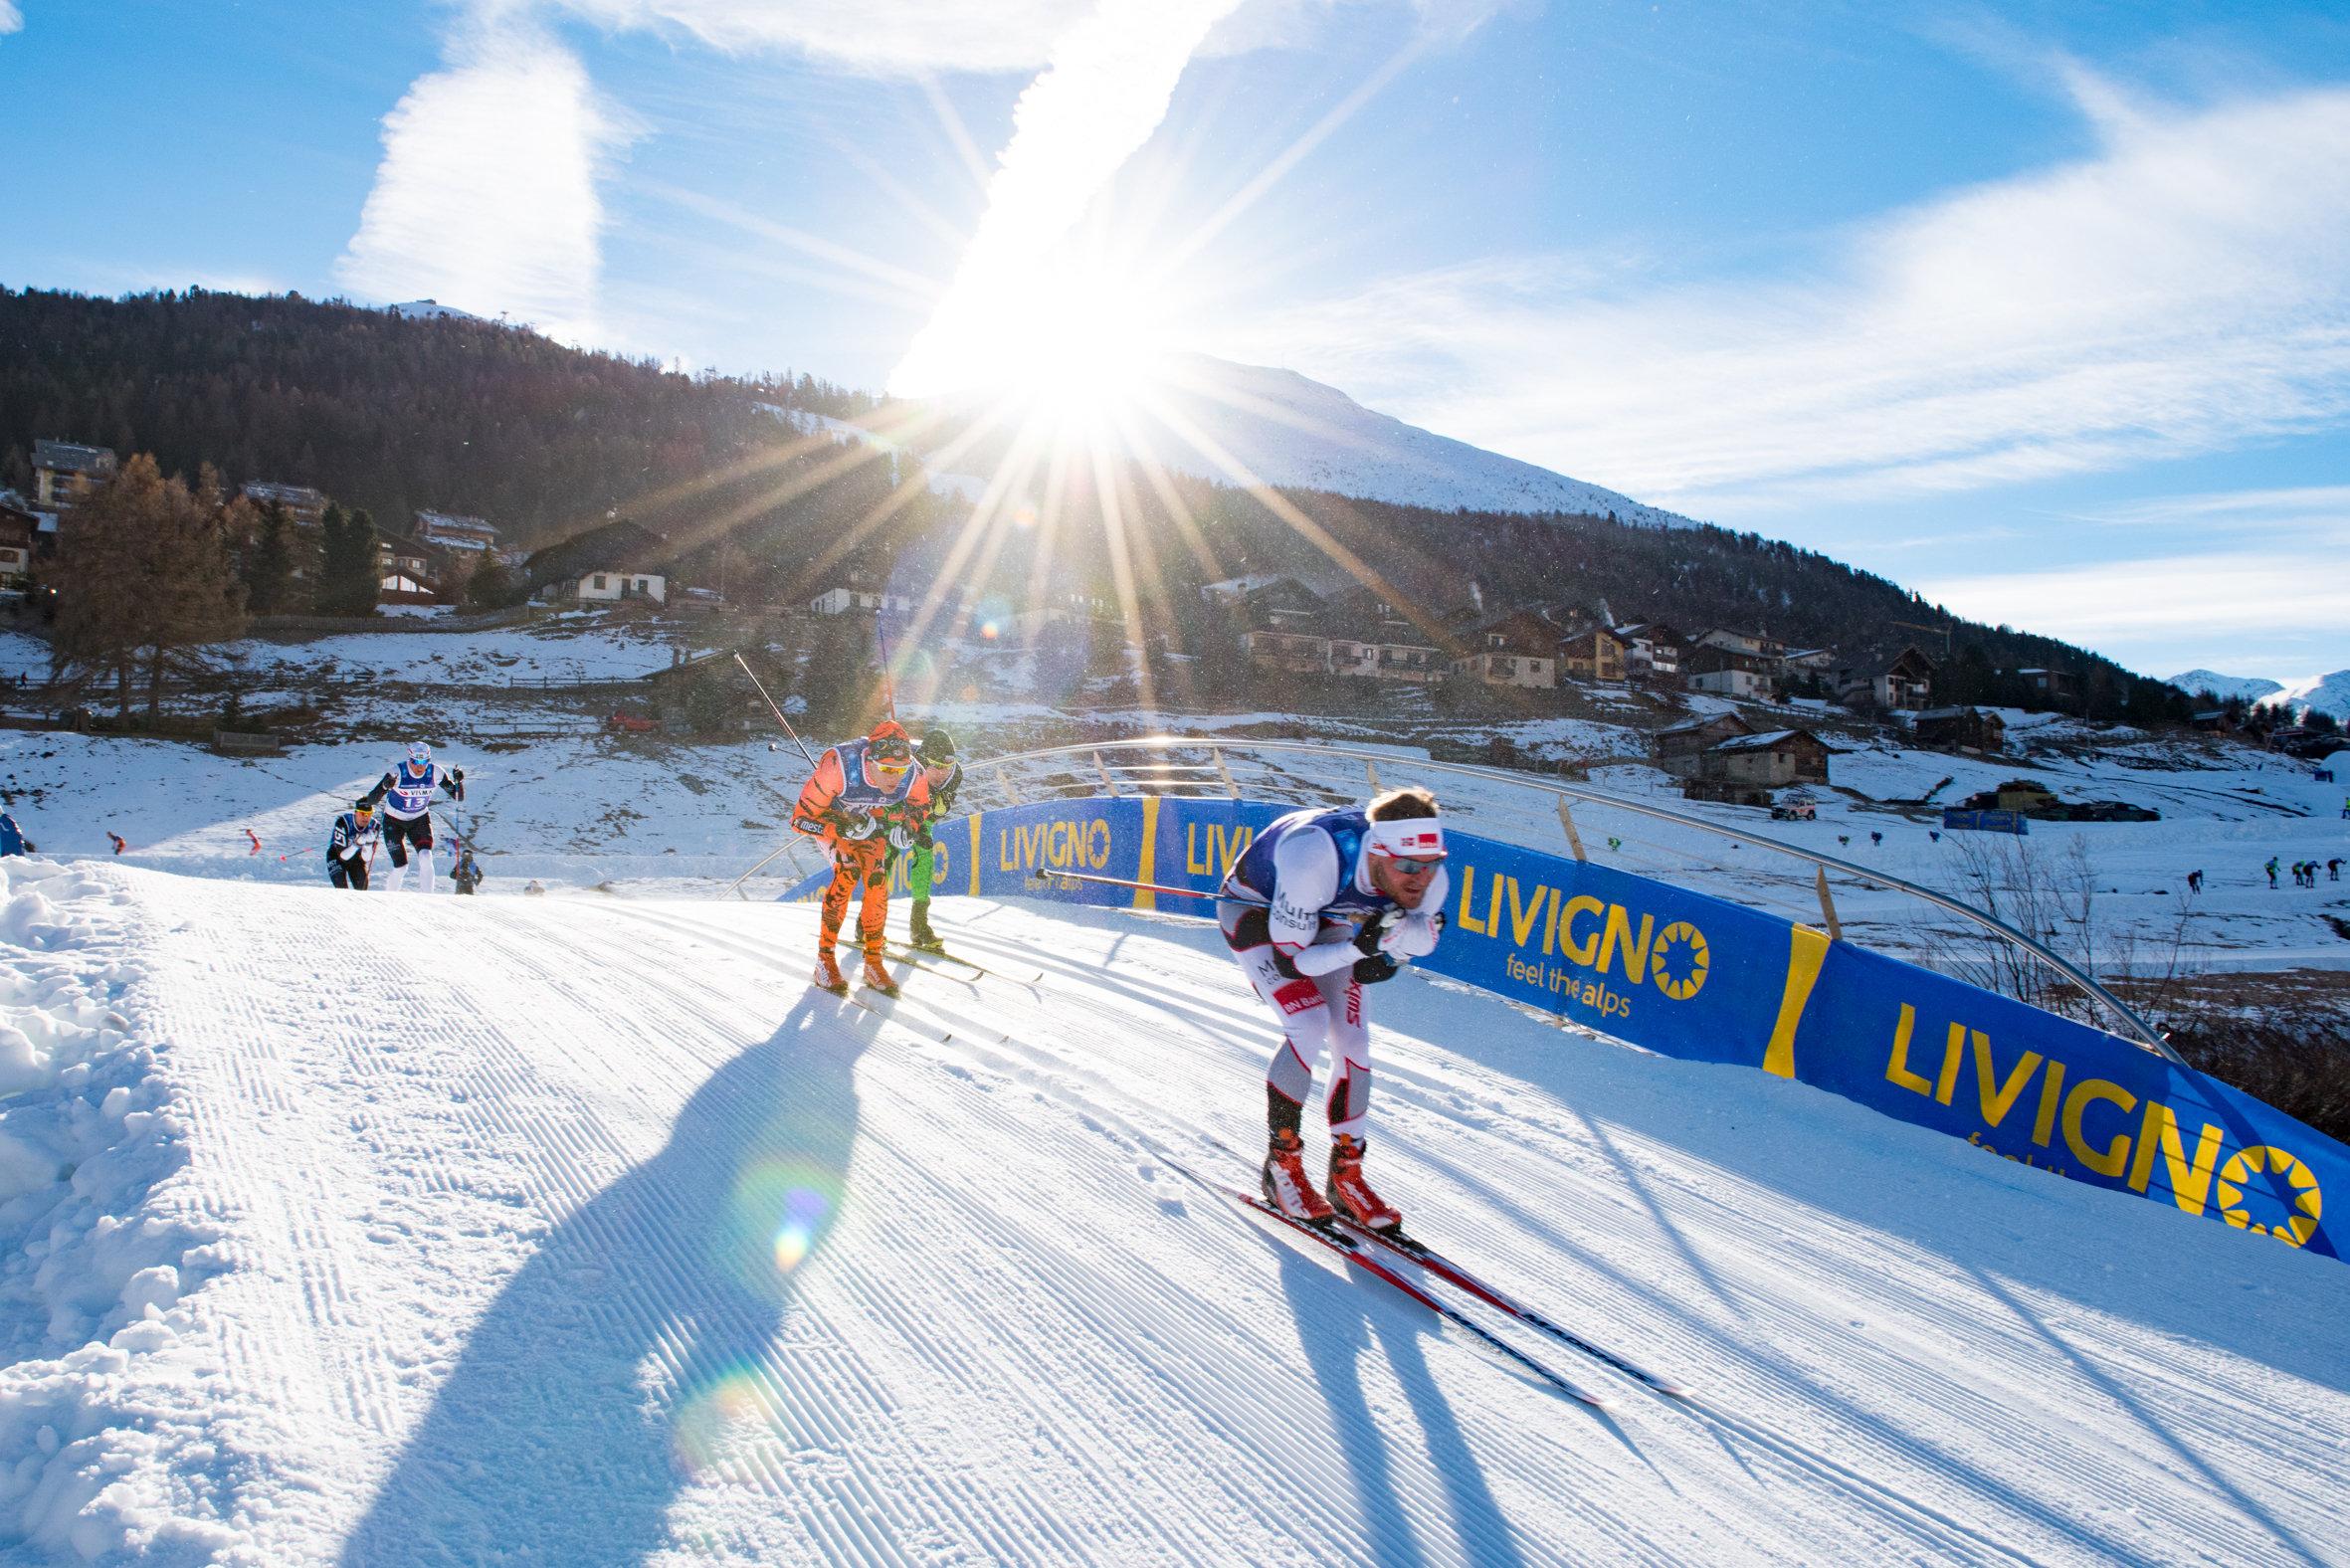 Livigno Comune Europeo dello Sport 2019